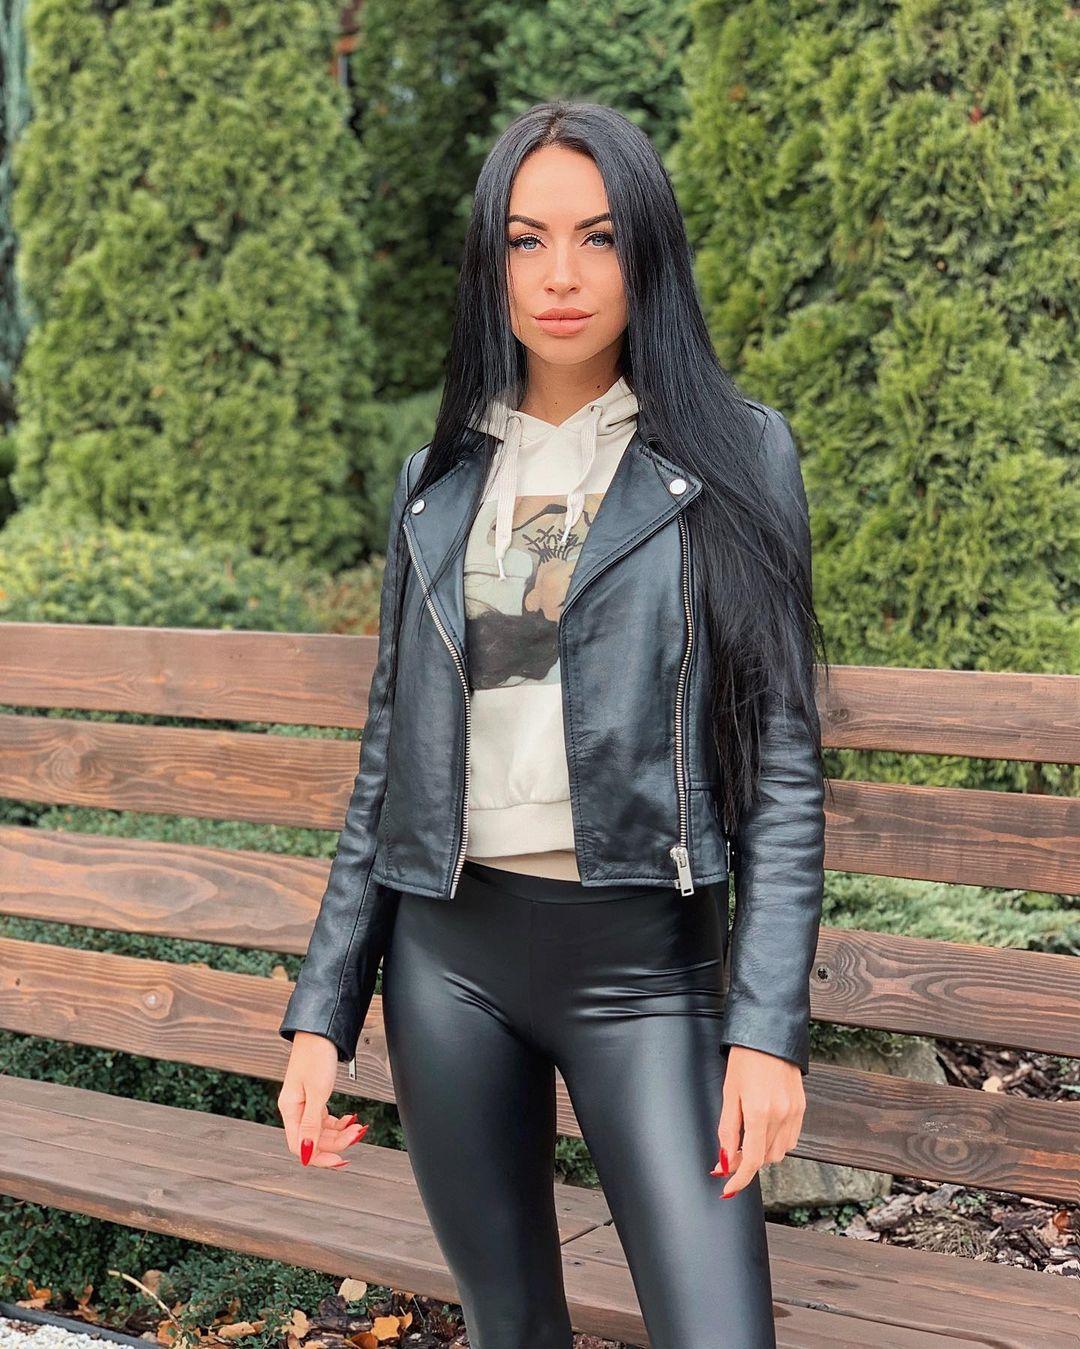 Olga-Mikhailyuk-8